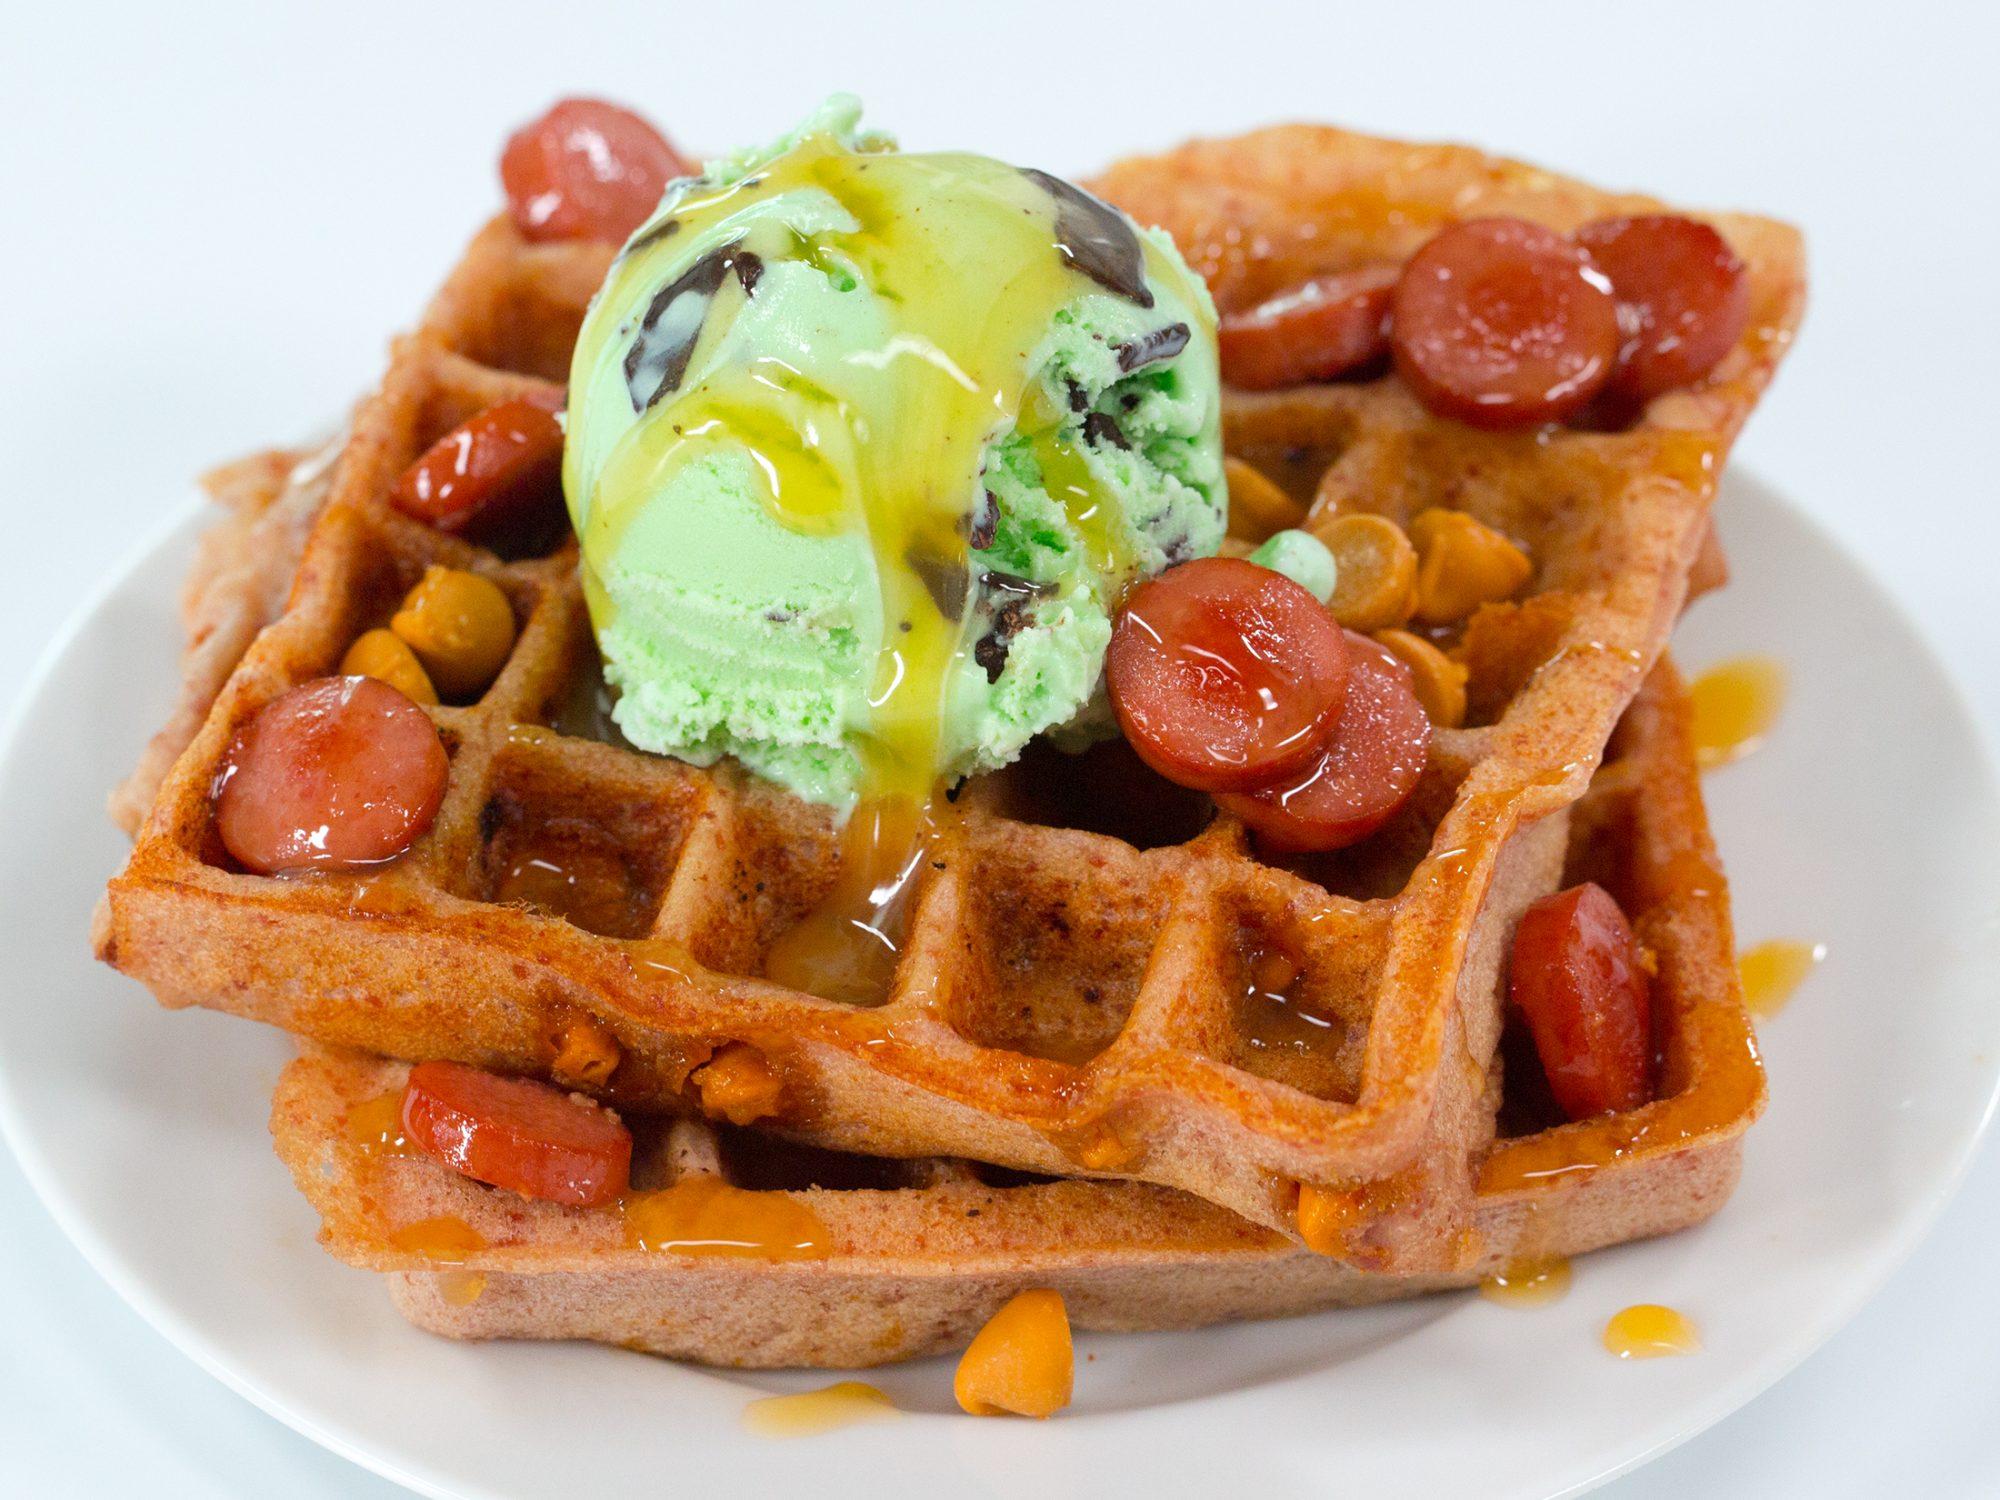 Butterscotch Hot Dog Waffle image